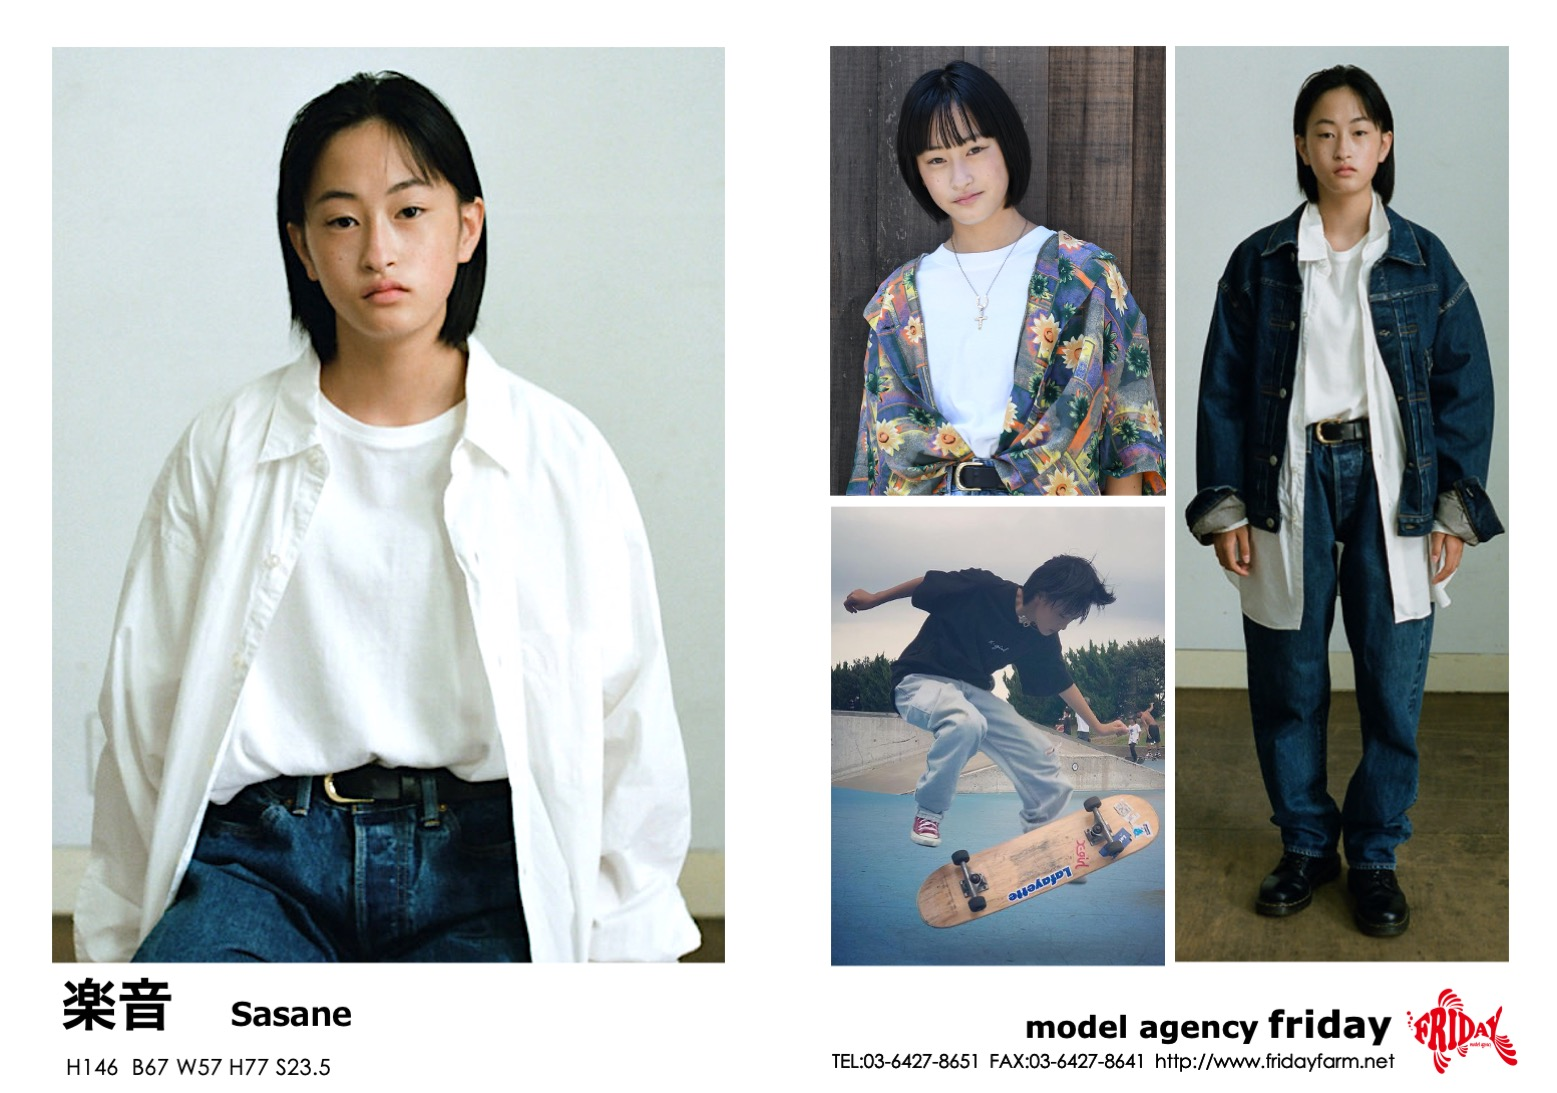 楽音 - Sasane | model agency friday